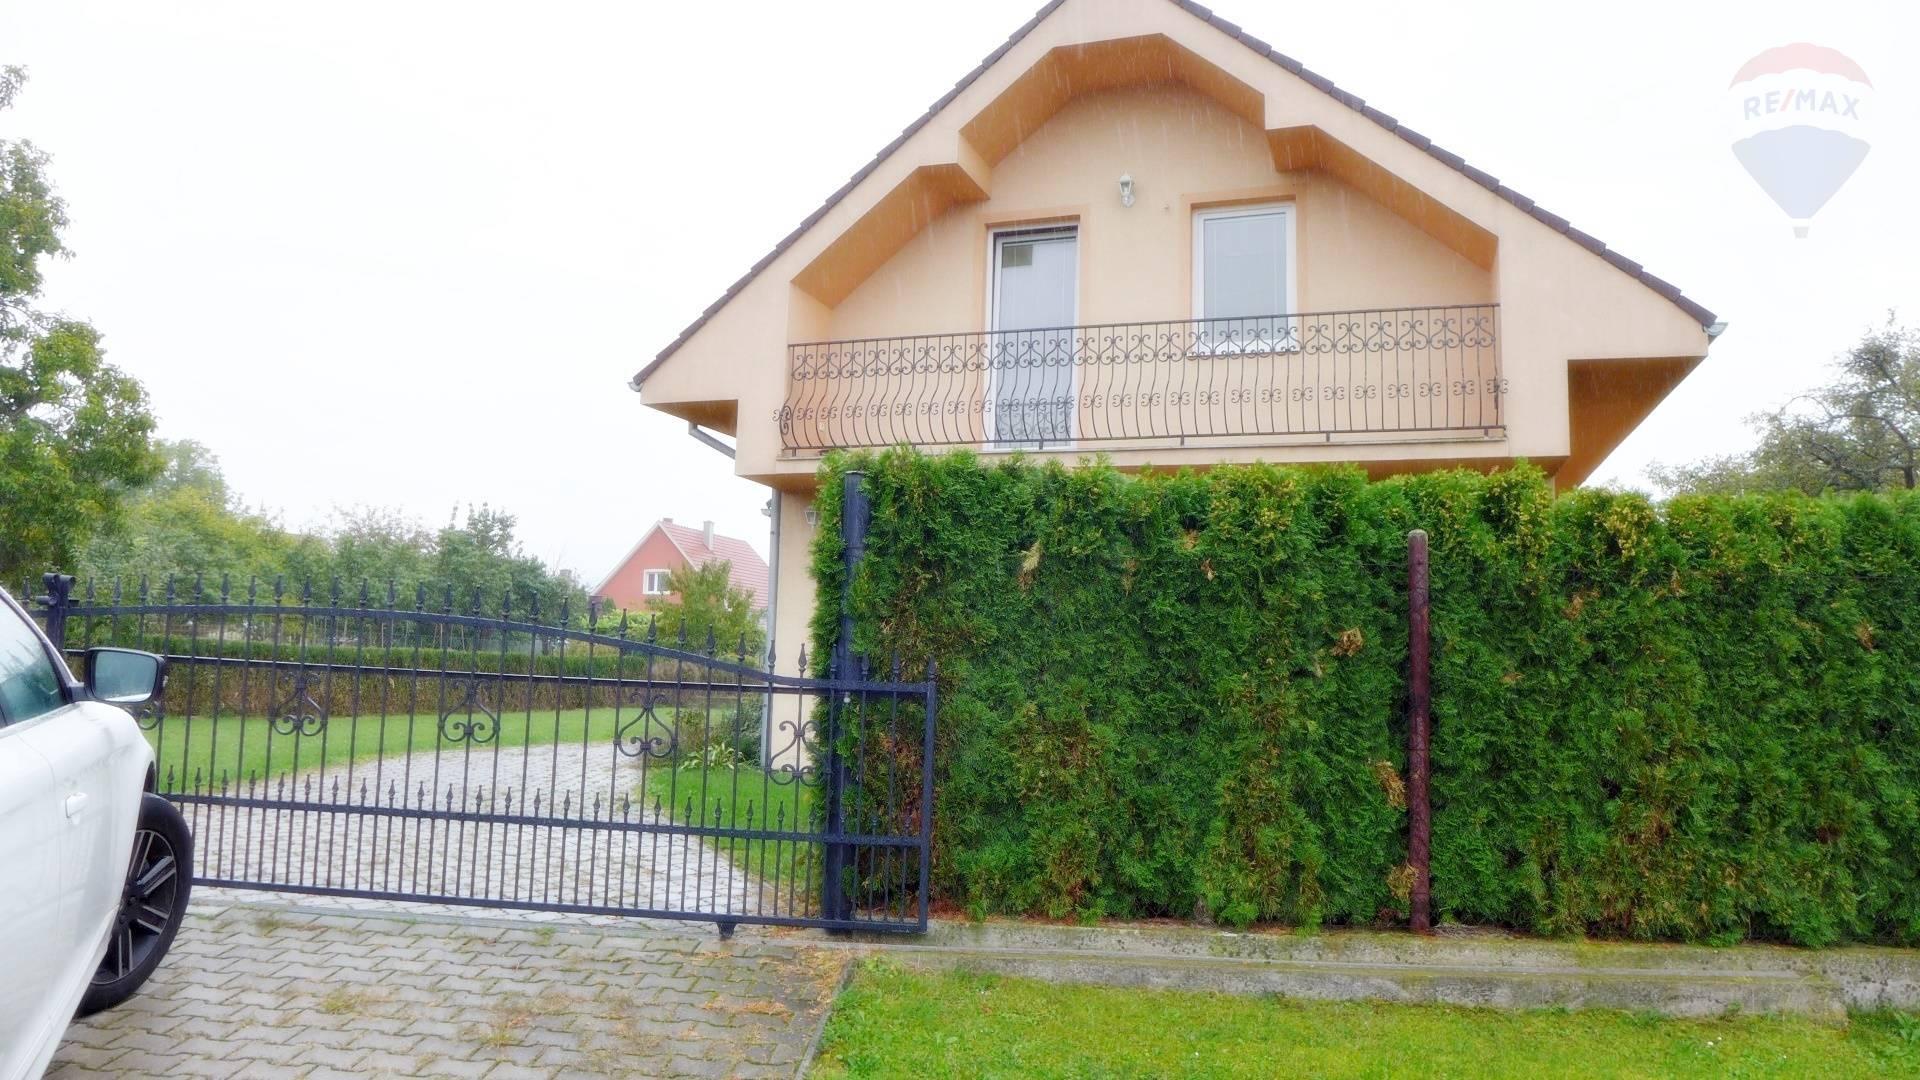 Predaj domu 110 m2, Prievidza - RD - obec Bystričany okres Prievidza na parcele 700 m2